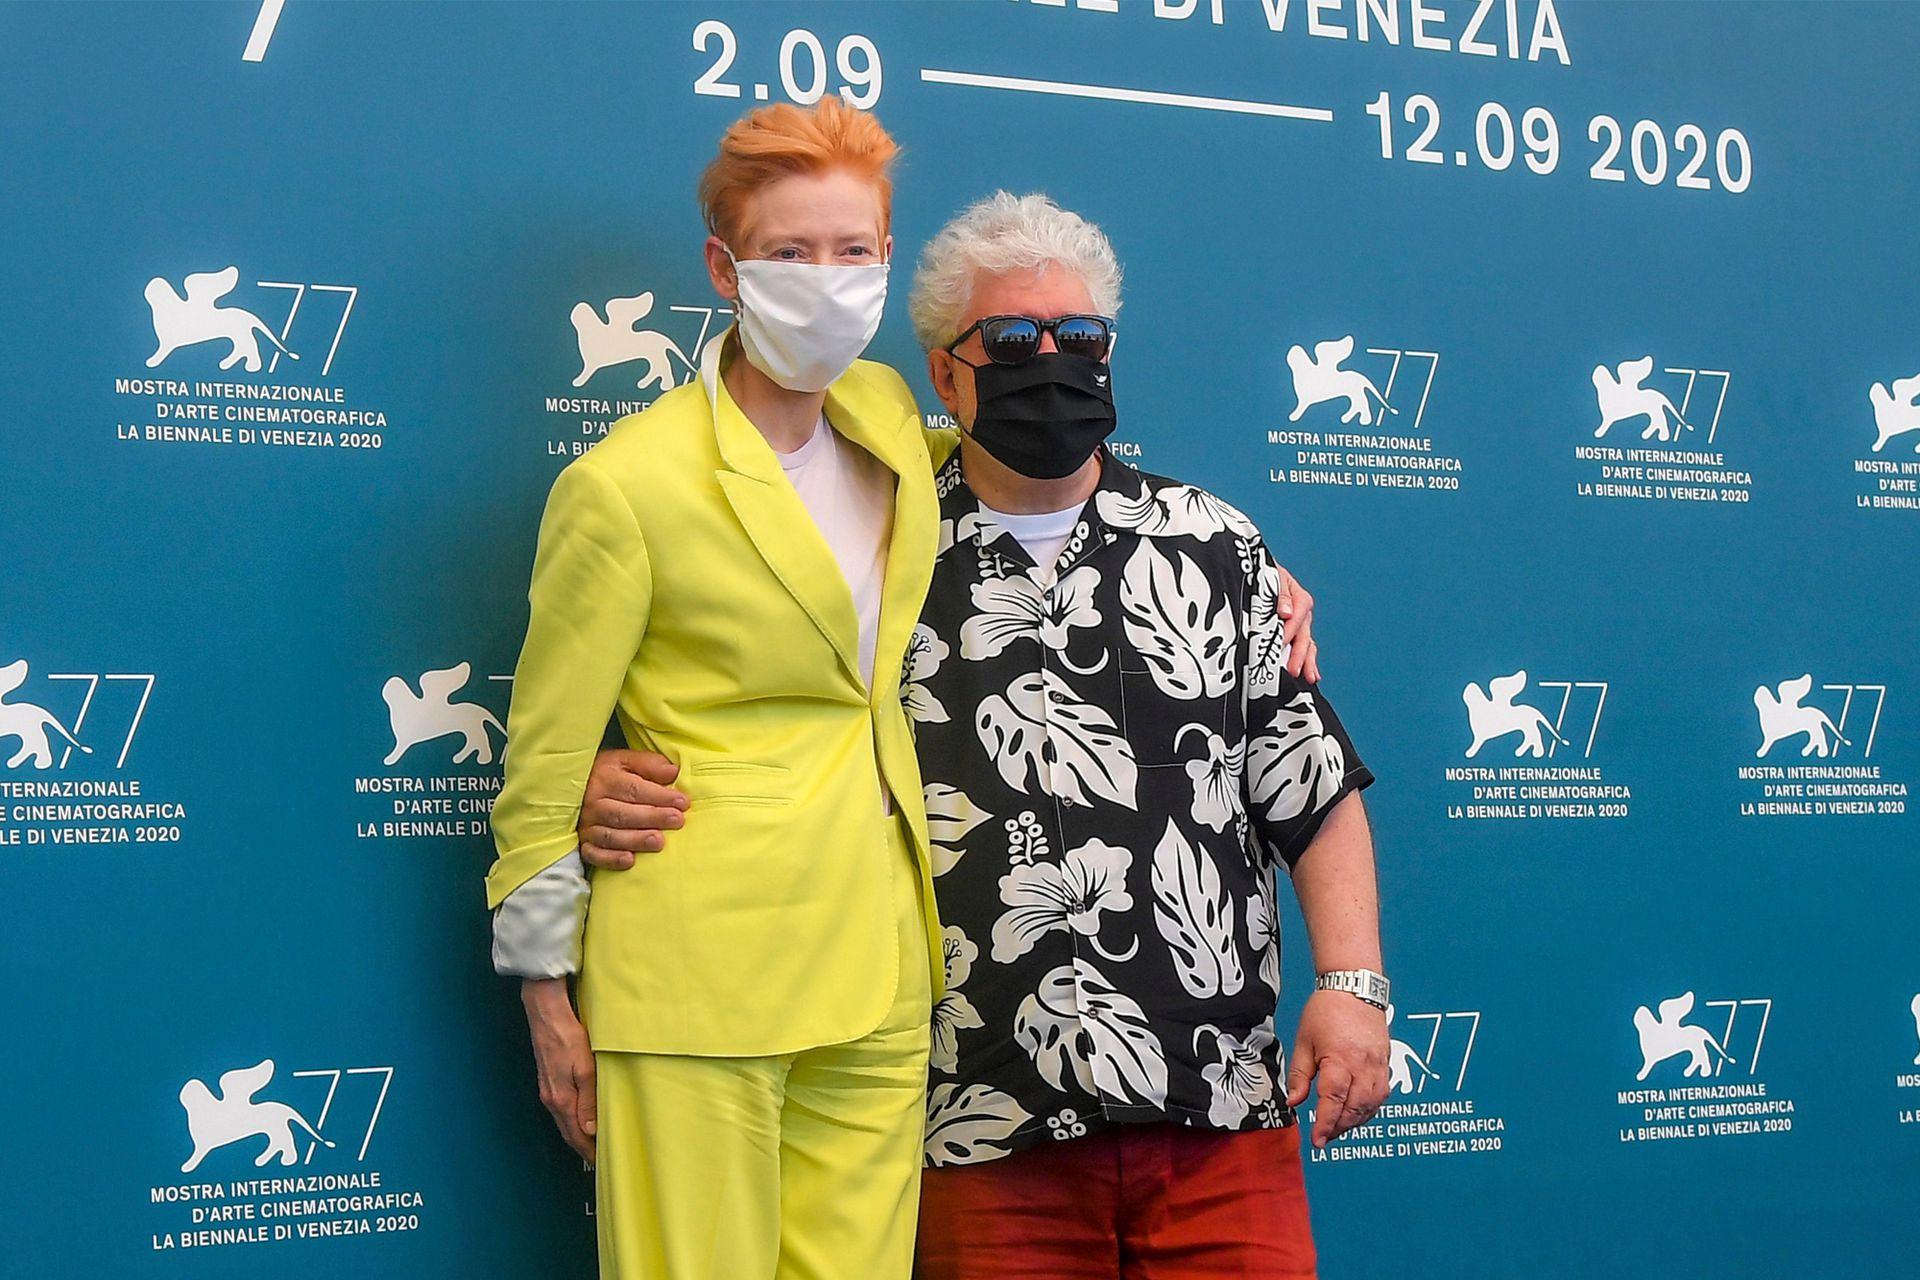 """""""Creo que será la última vez que volveré a molestar a Cocteau con mi adaptación"""", dijo Almodóvar, que no mantuvo distancia social con su estrella, aunque sí usó barbijo en el encuentro con la prensa"""